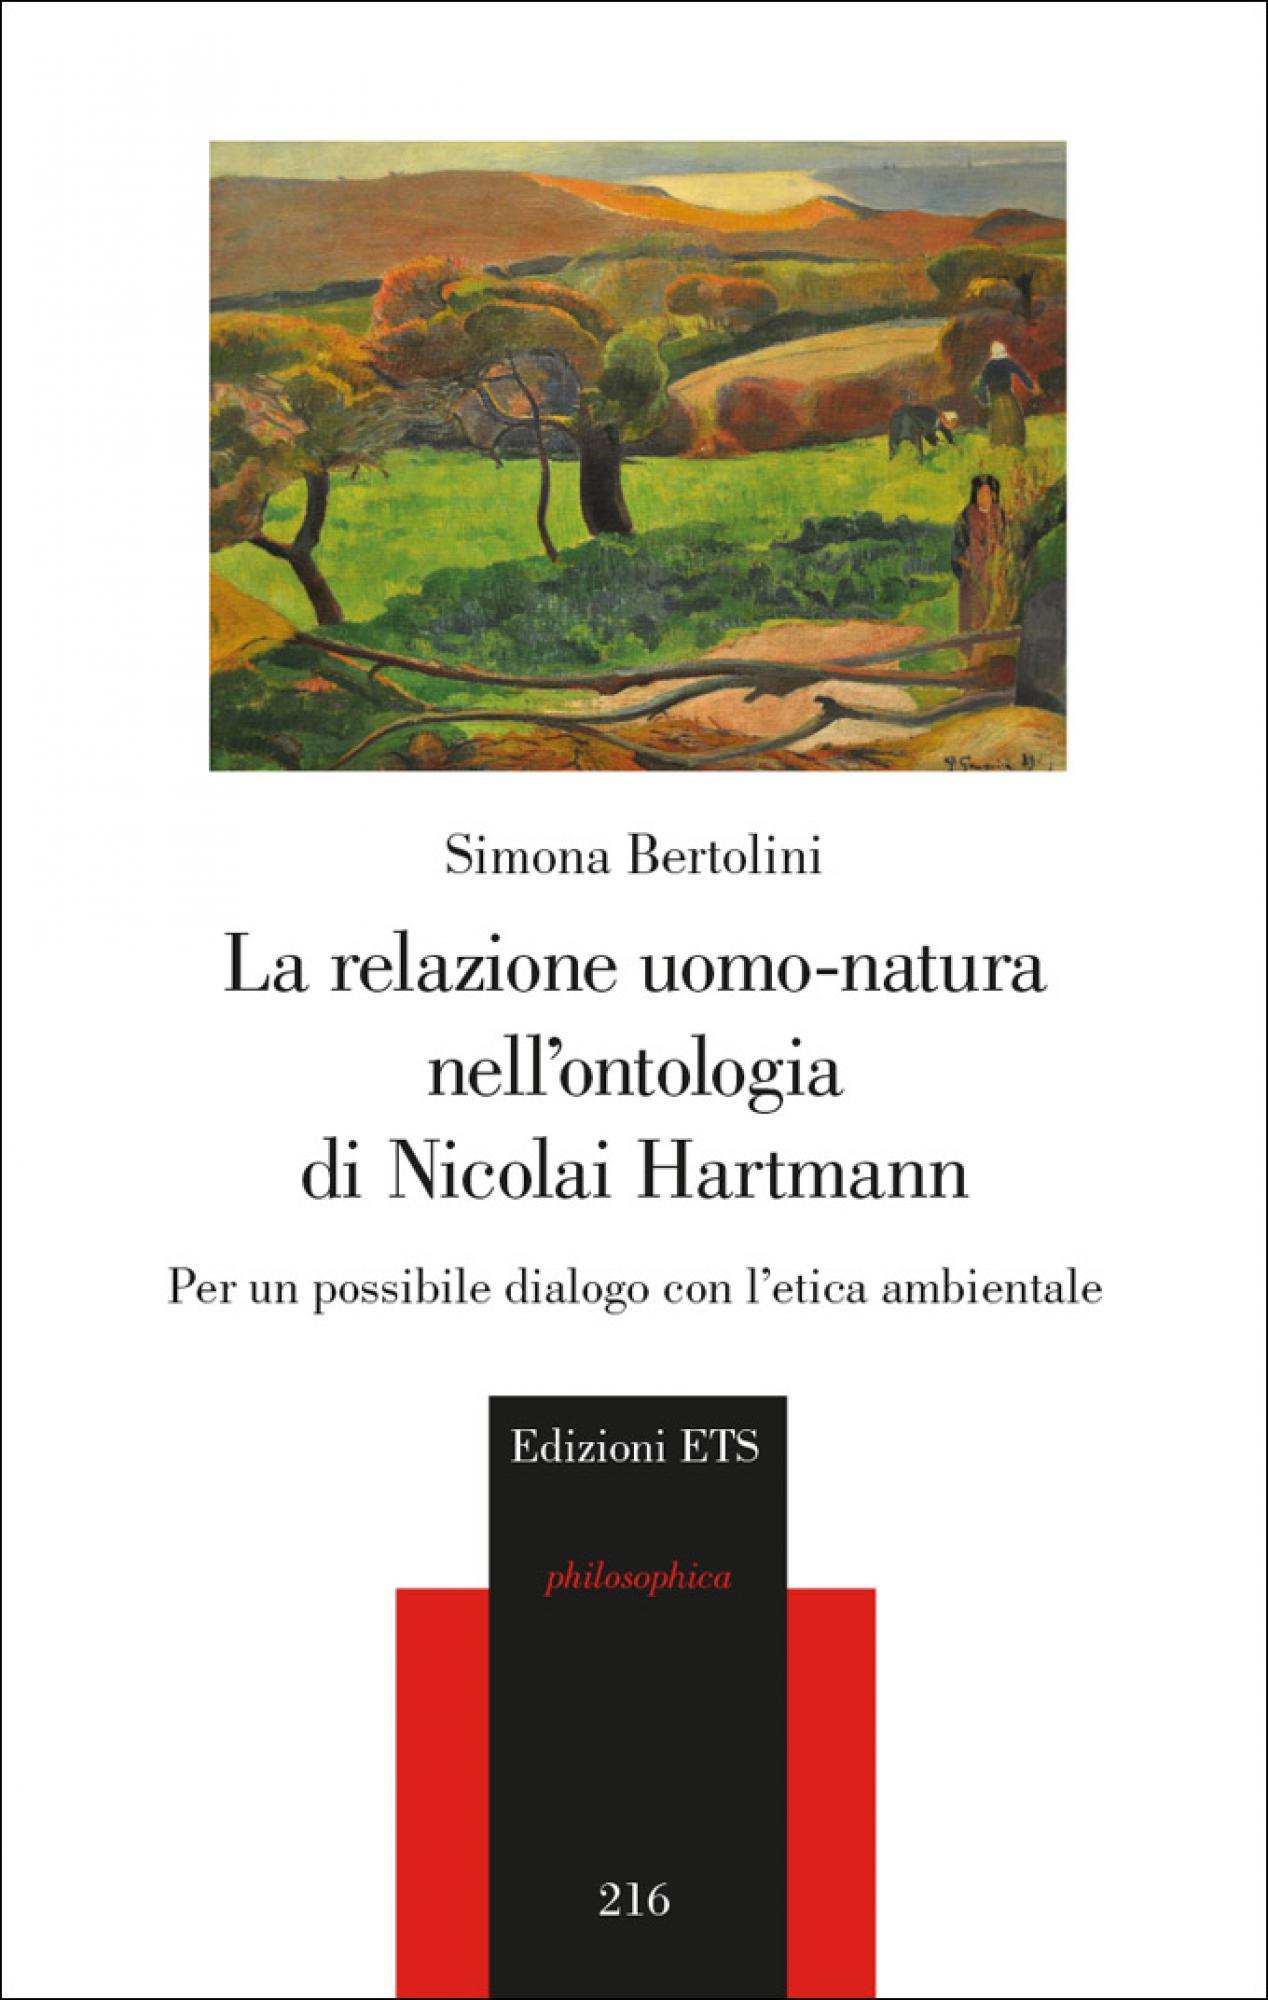 La relazione uomo-natura nell'ontologia di Nicolai Hartmann.Per un possibile dialogo con l'etica ambientale